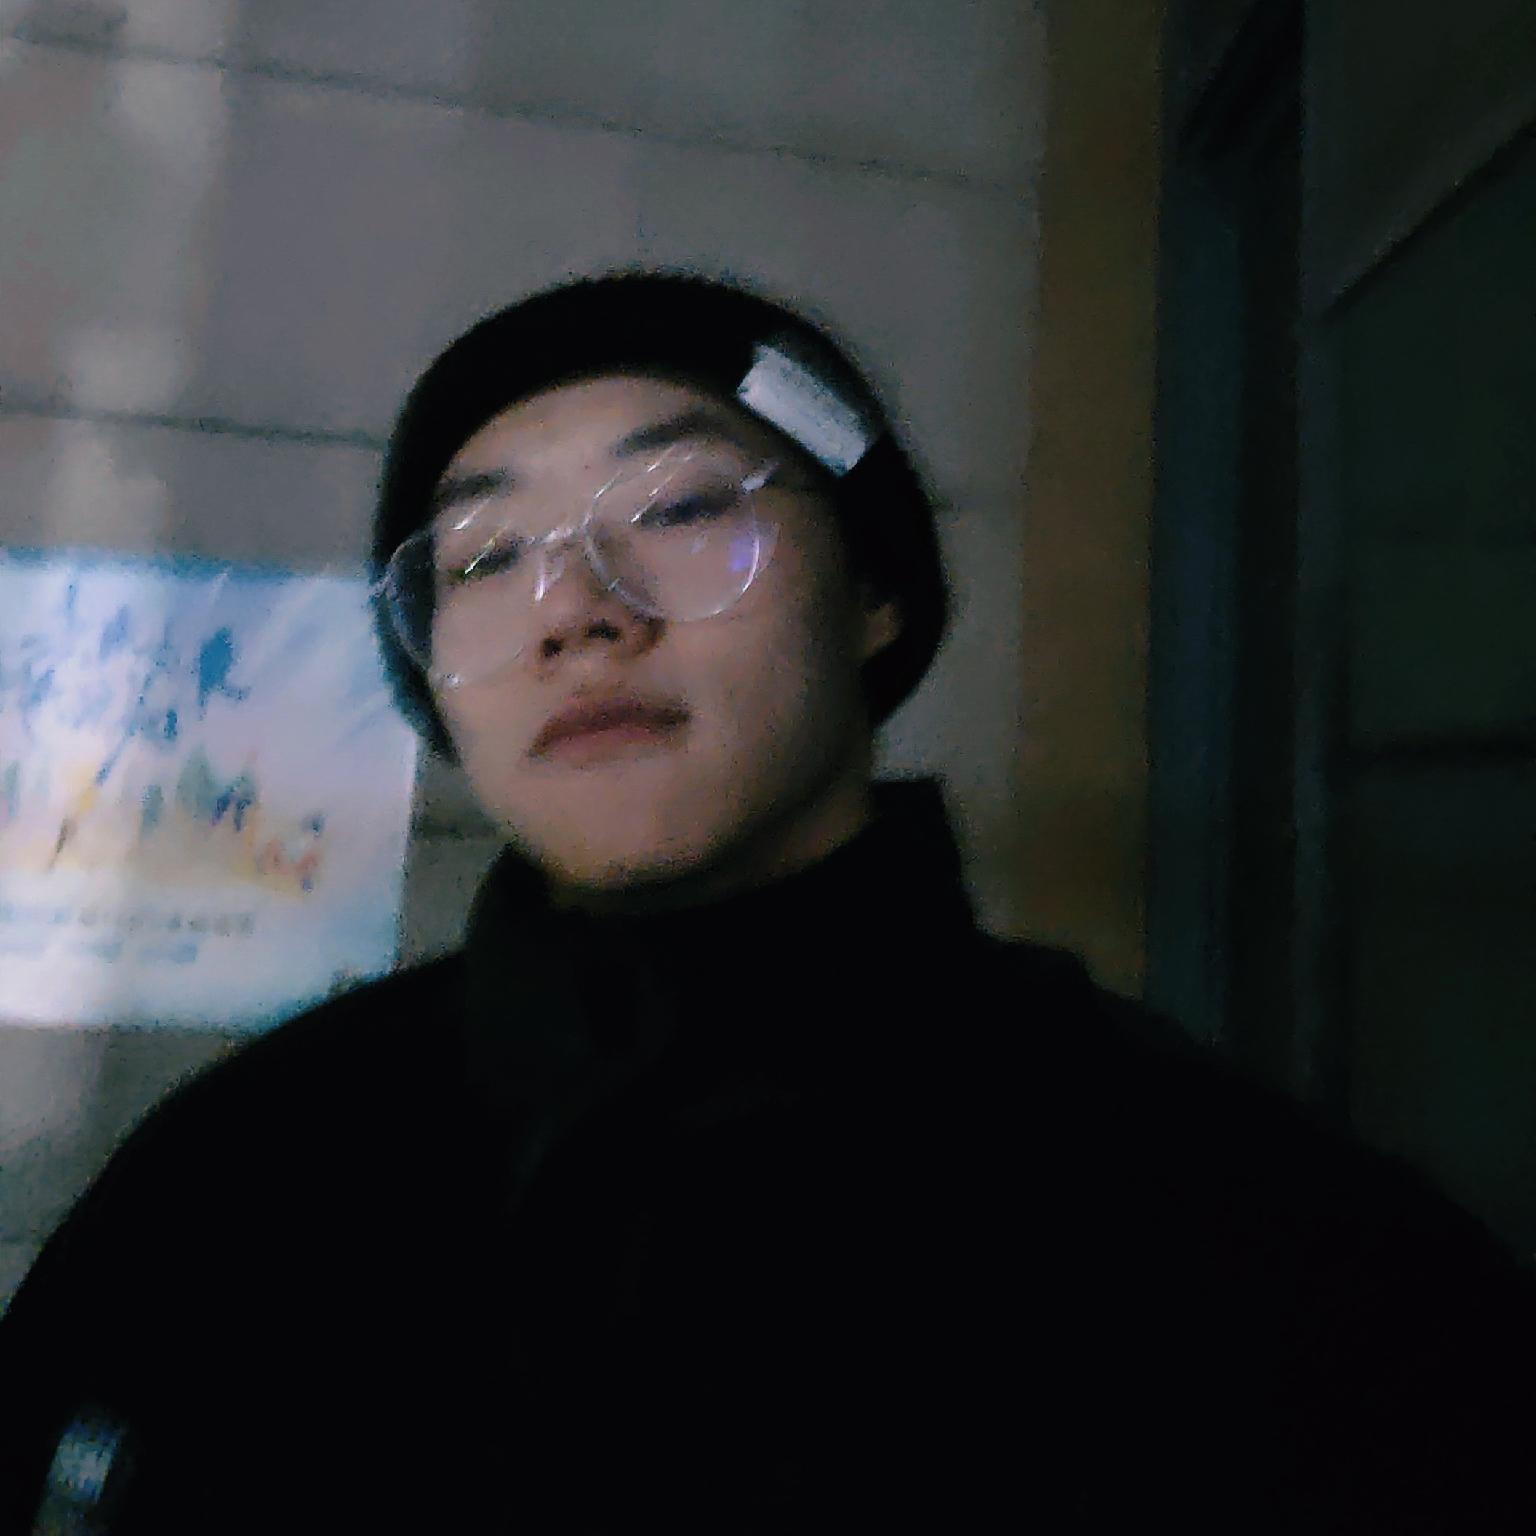 重庆家教蓝教员